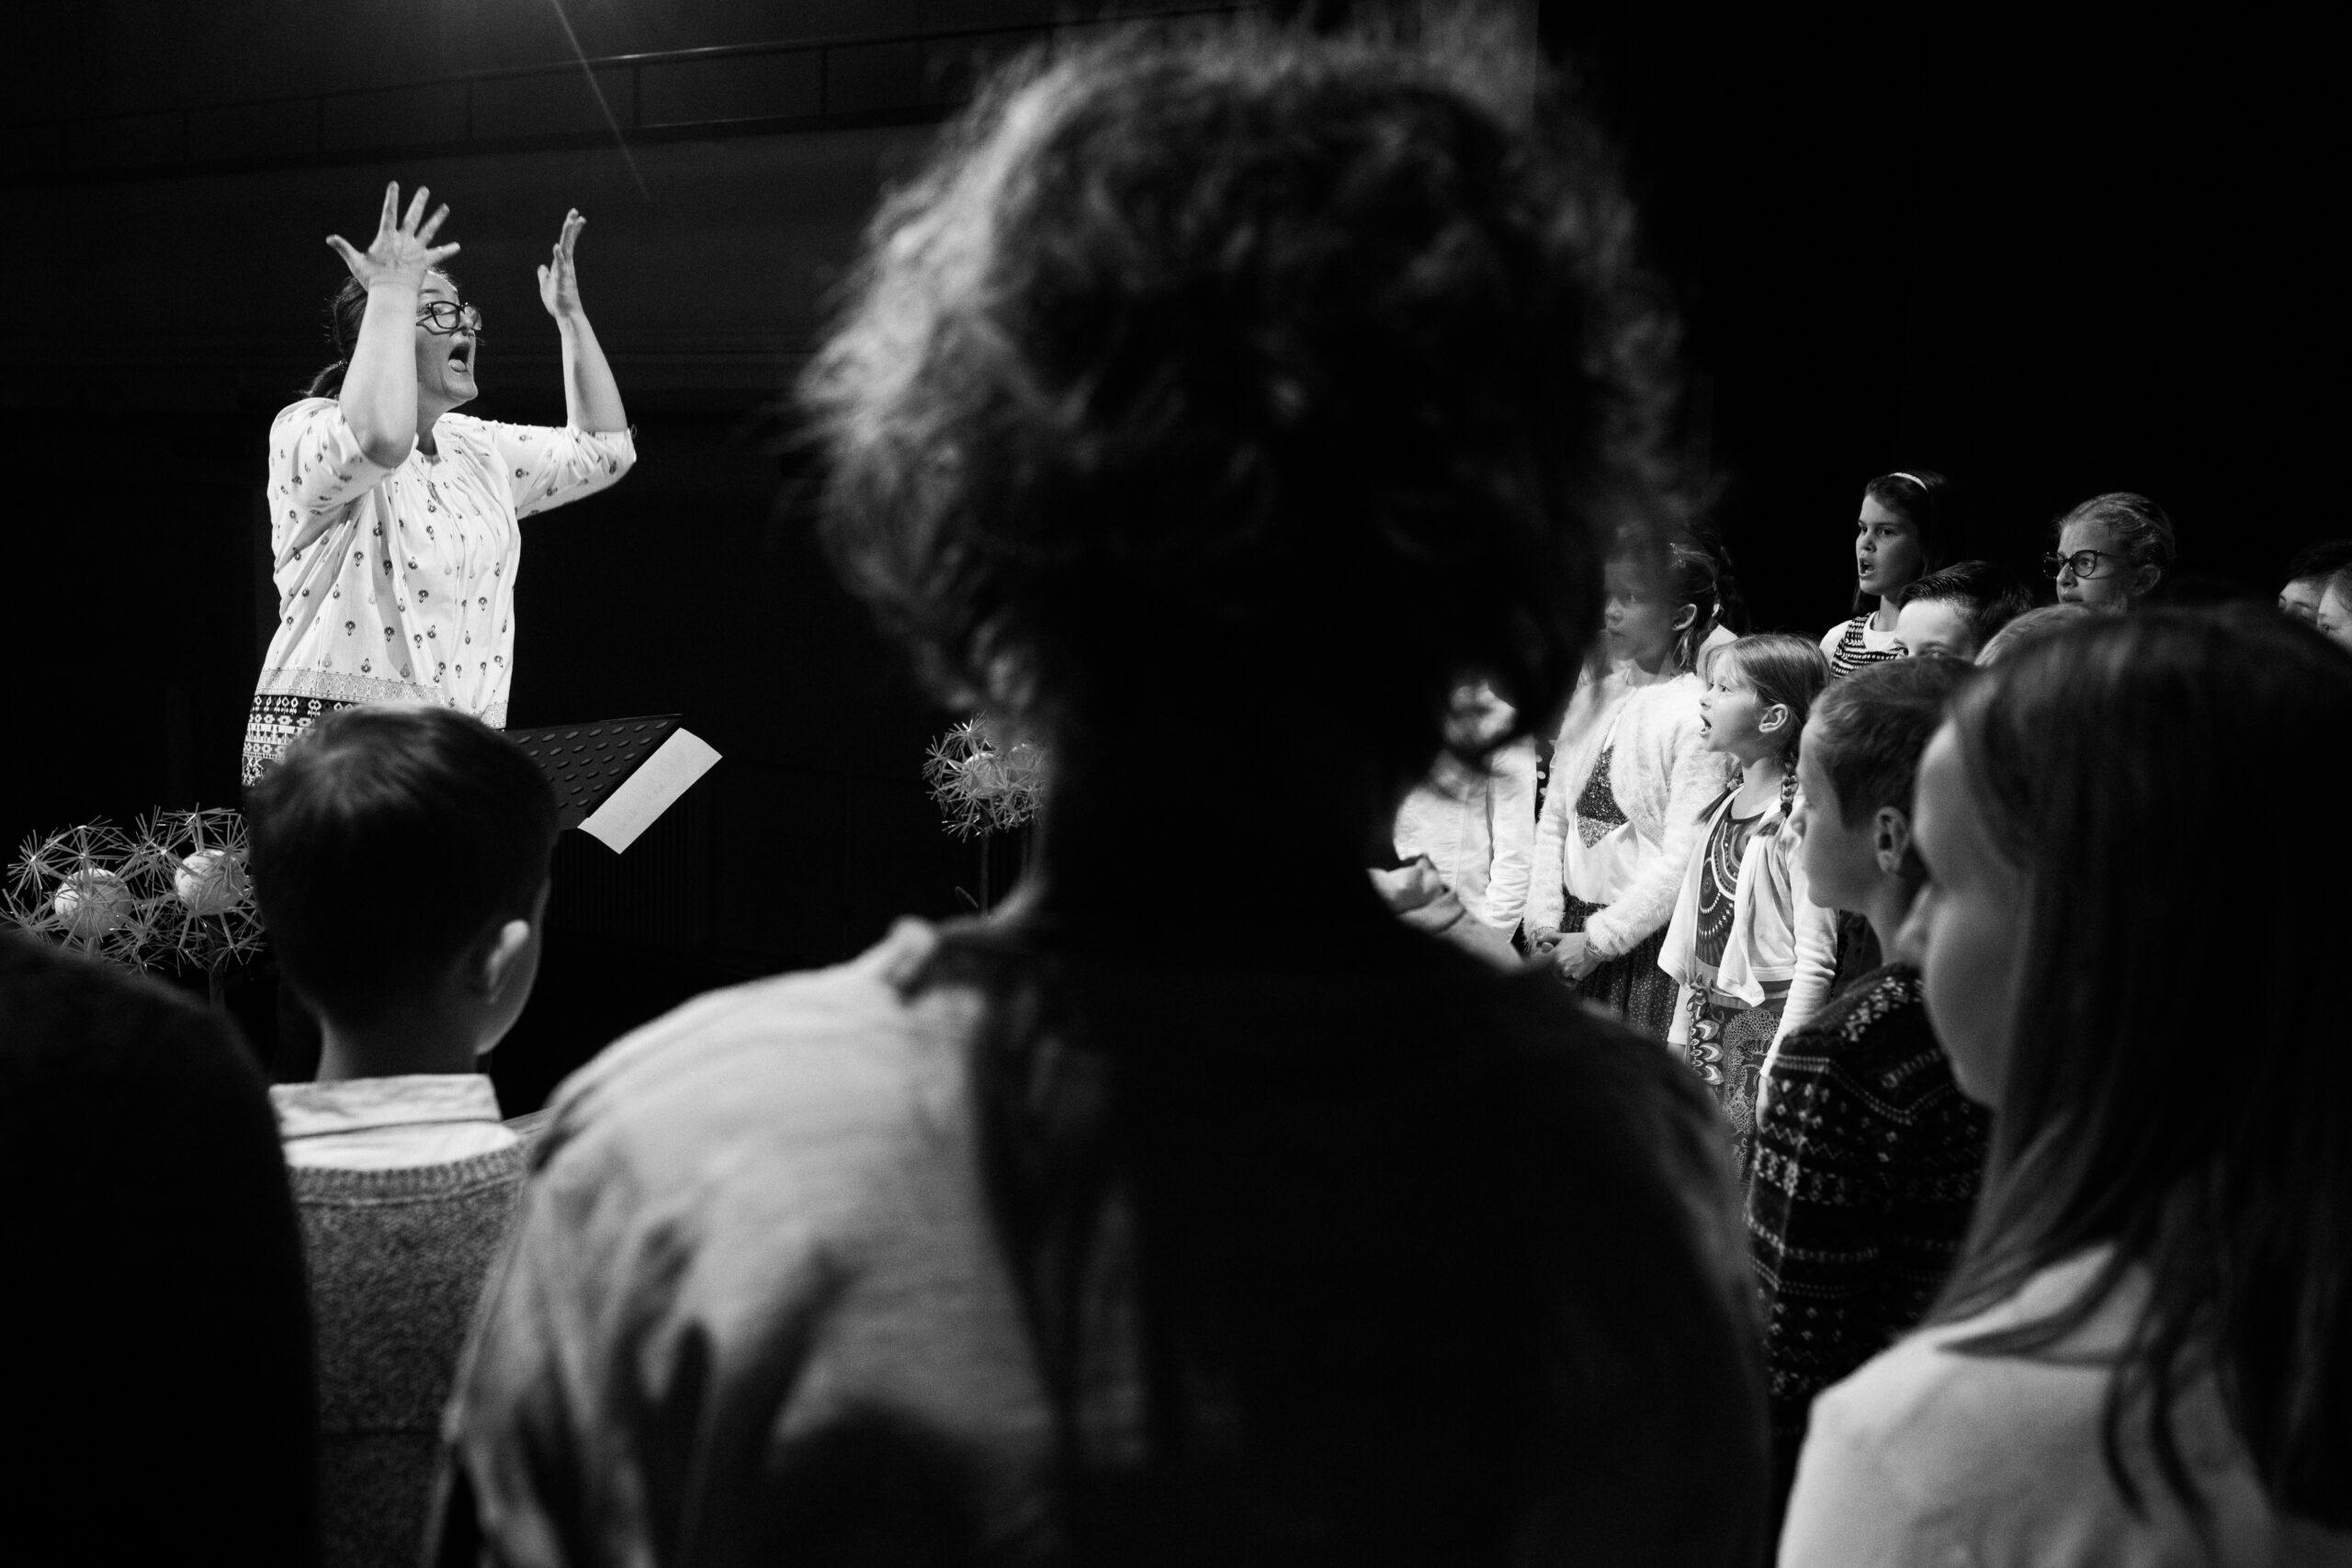 Polona Avanzo, Slovenija/Slovenia: Mali odri, 2019, Otroški zbor glasbenega centra Zvočna zgodba, Slovenija / Little stages, 2019, Chioldren's choir of the musical stage Zvočna godba, Slovenia